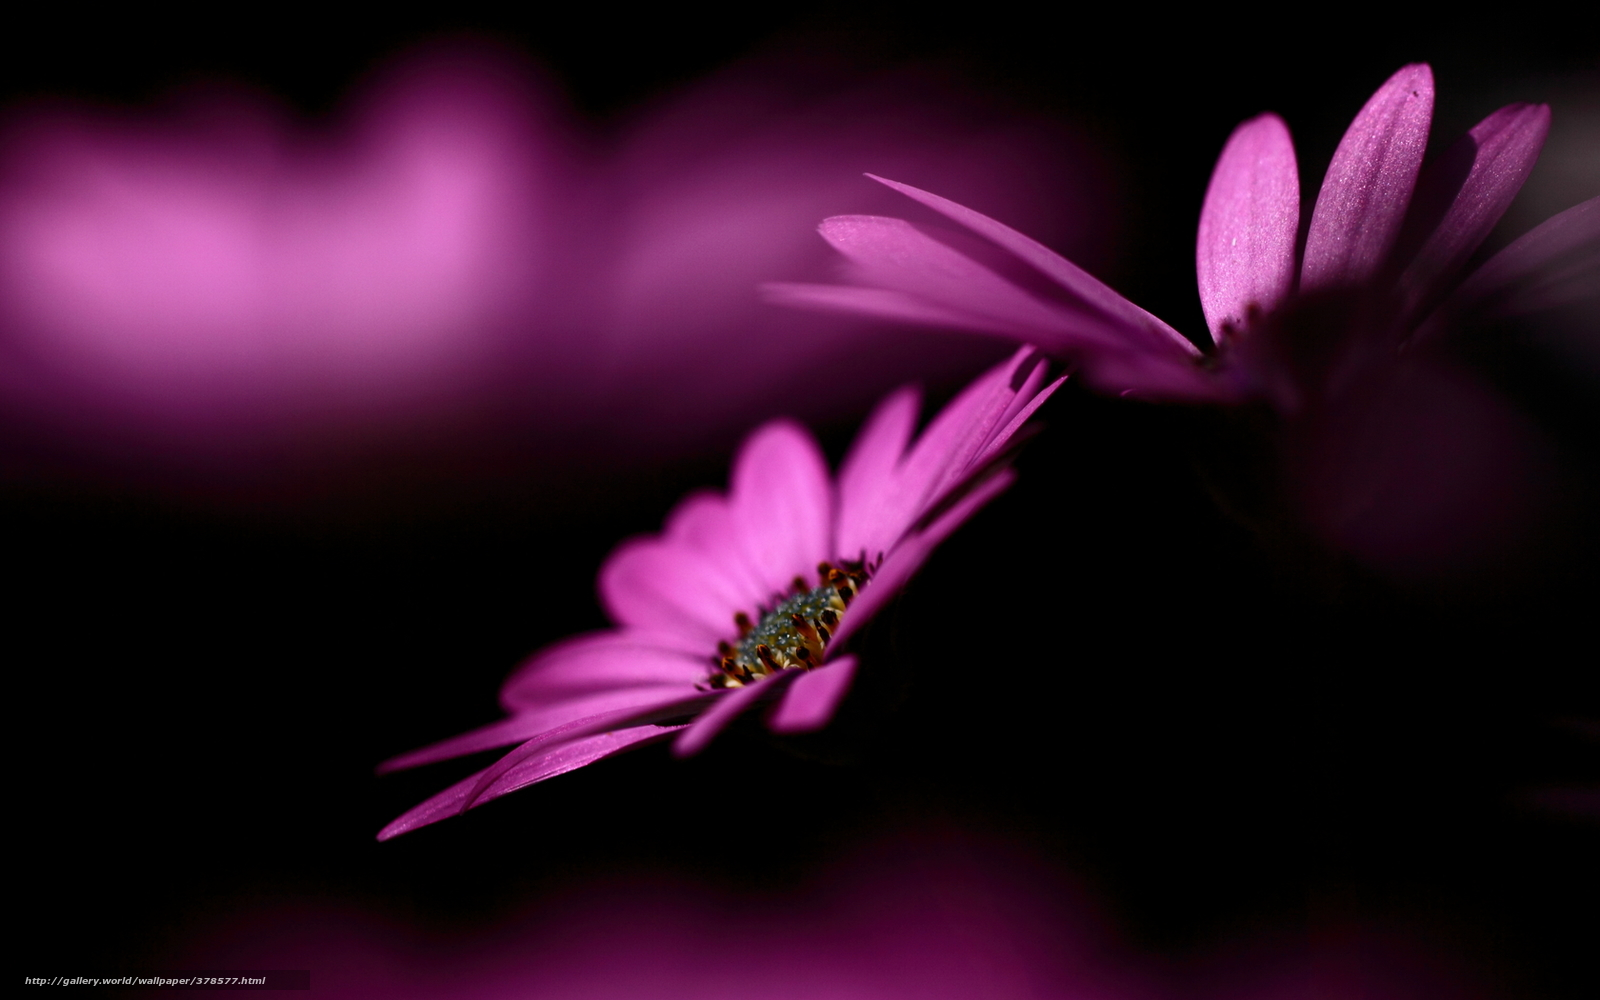 Обои Цветы На Черном Фоне Бесплатно